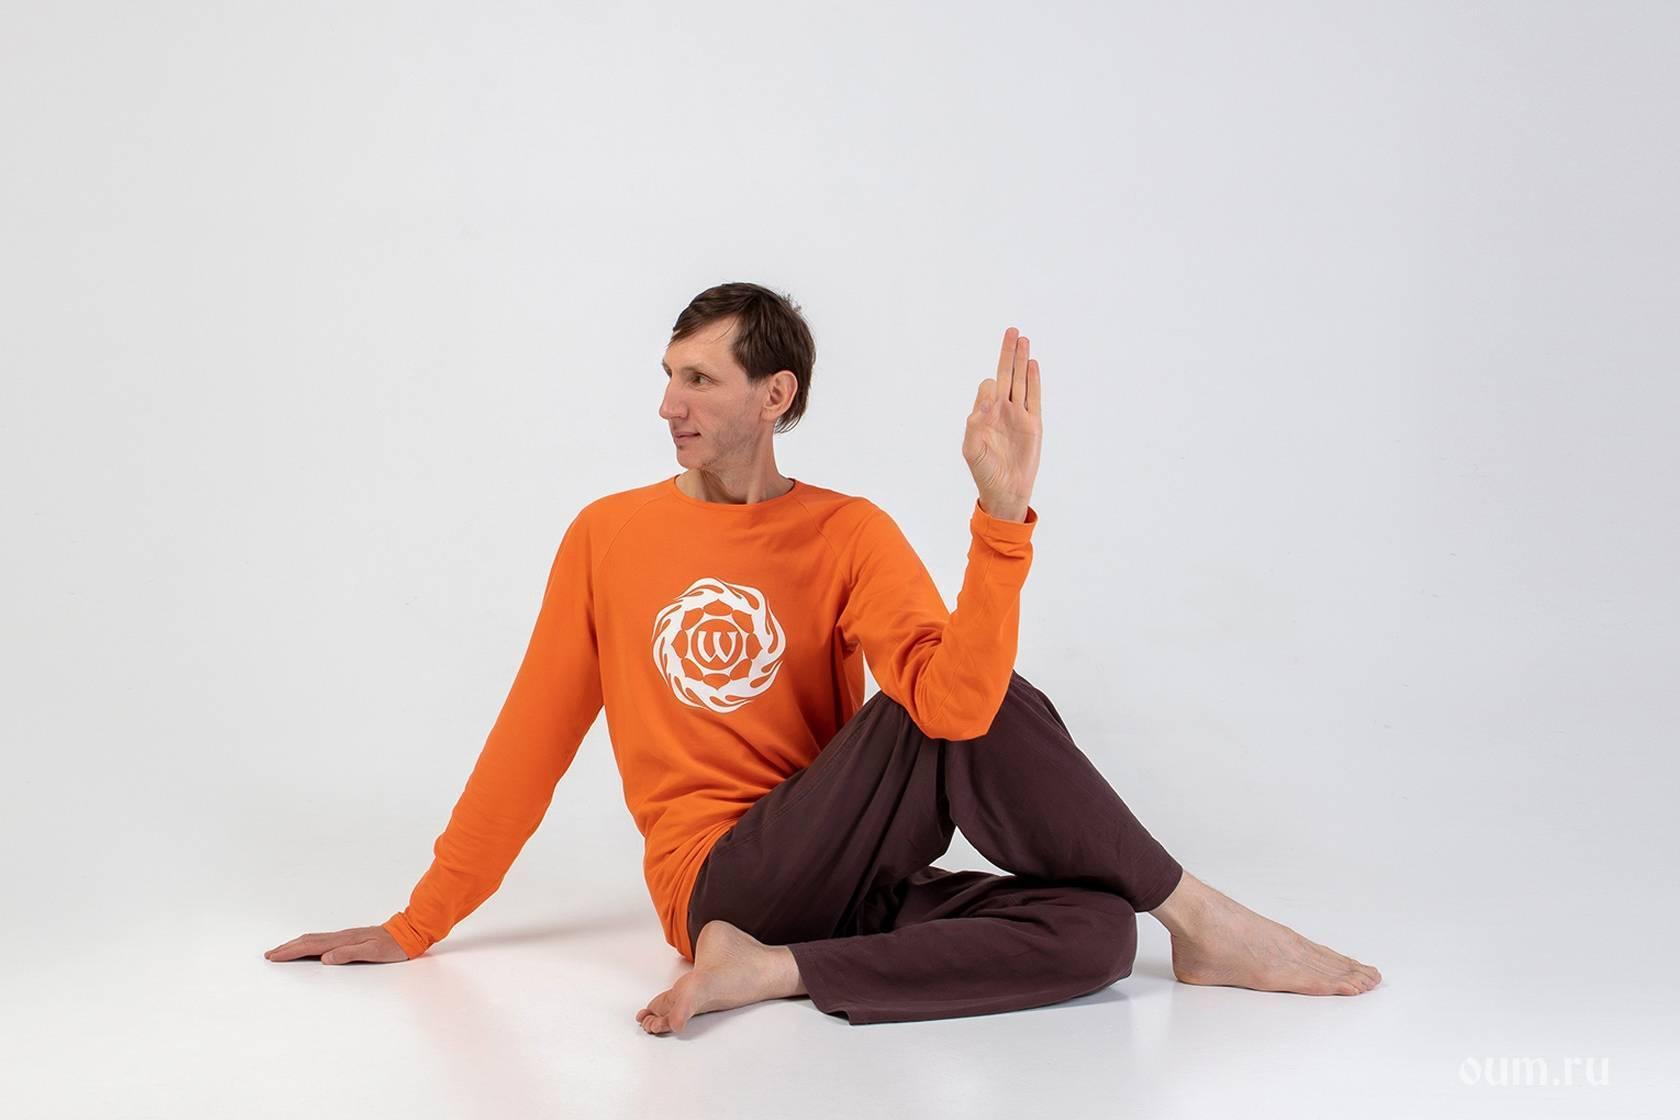 Ардха баддха падмоттанасана или поза наклона в полулотосе стоя в йоге: техника выполнения, польза, противопоказания